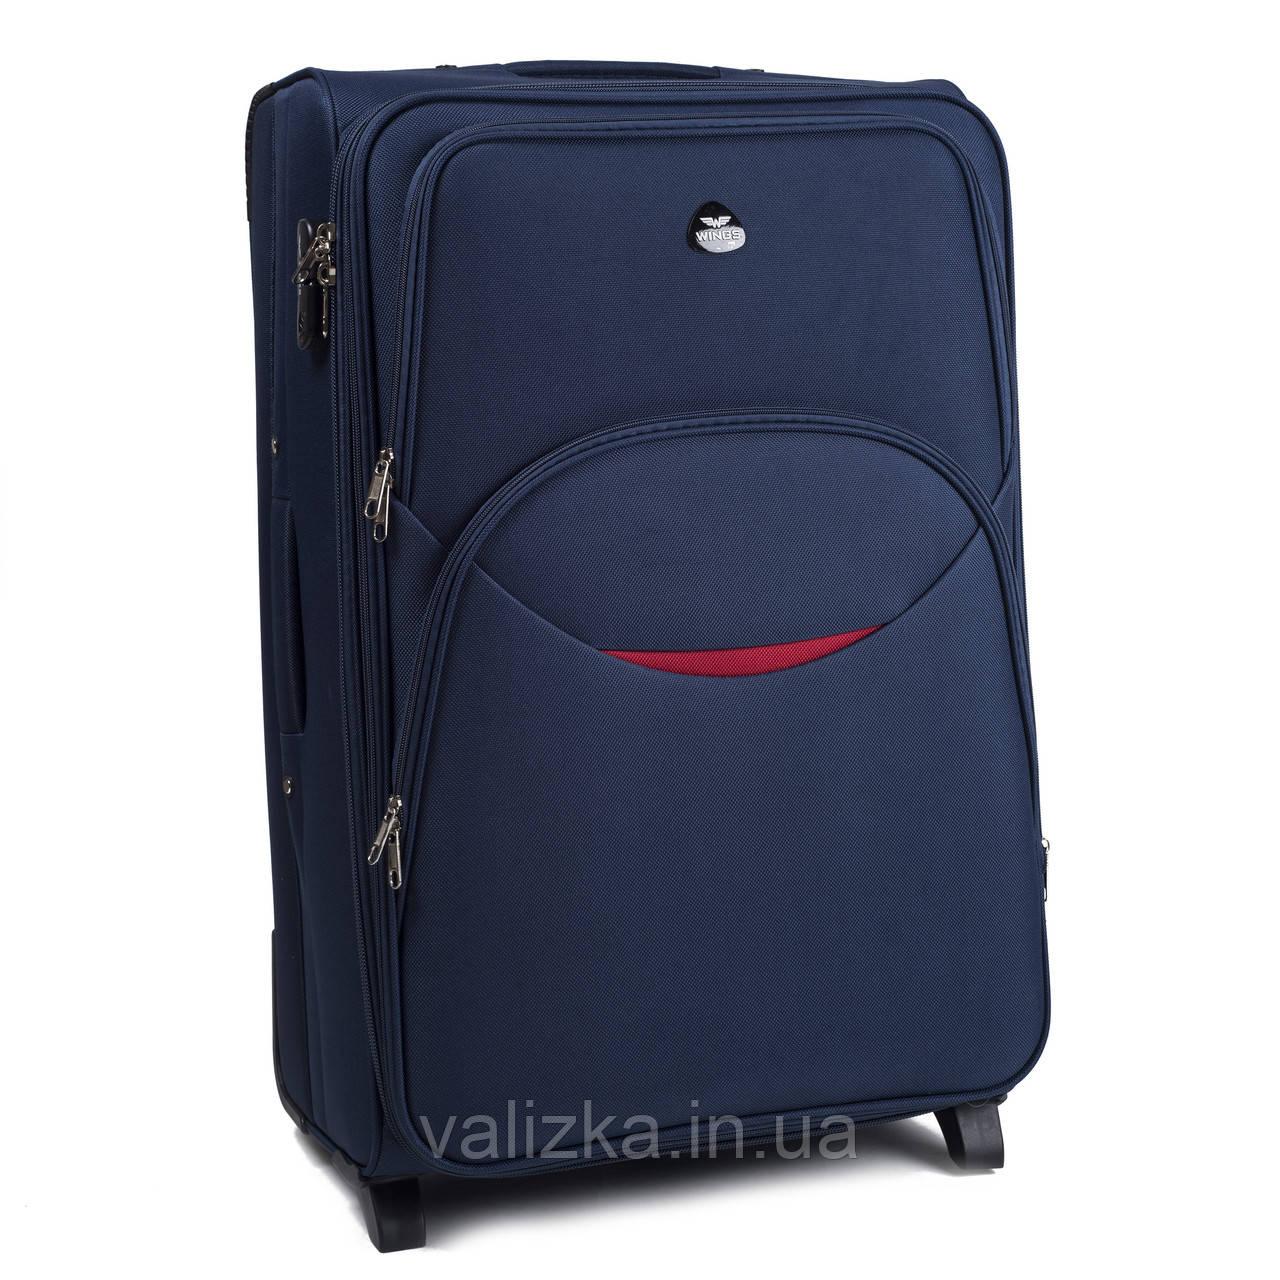 Текстильный чемодан большого размера на 2-х колесах Wings 1708 темно-синего цвета.